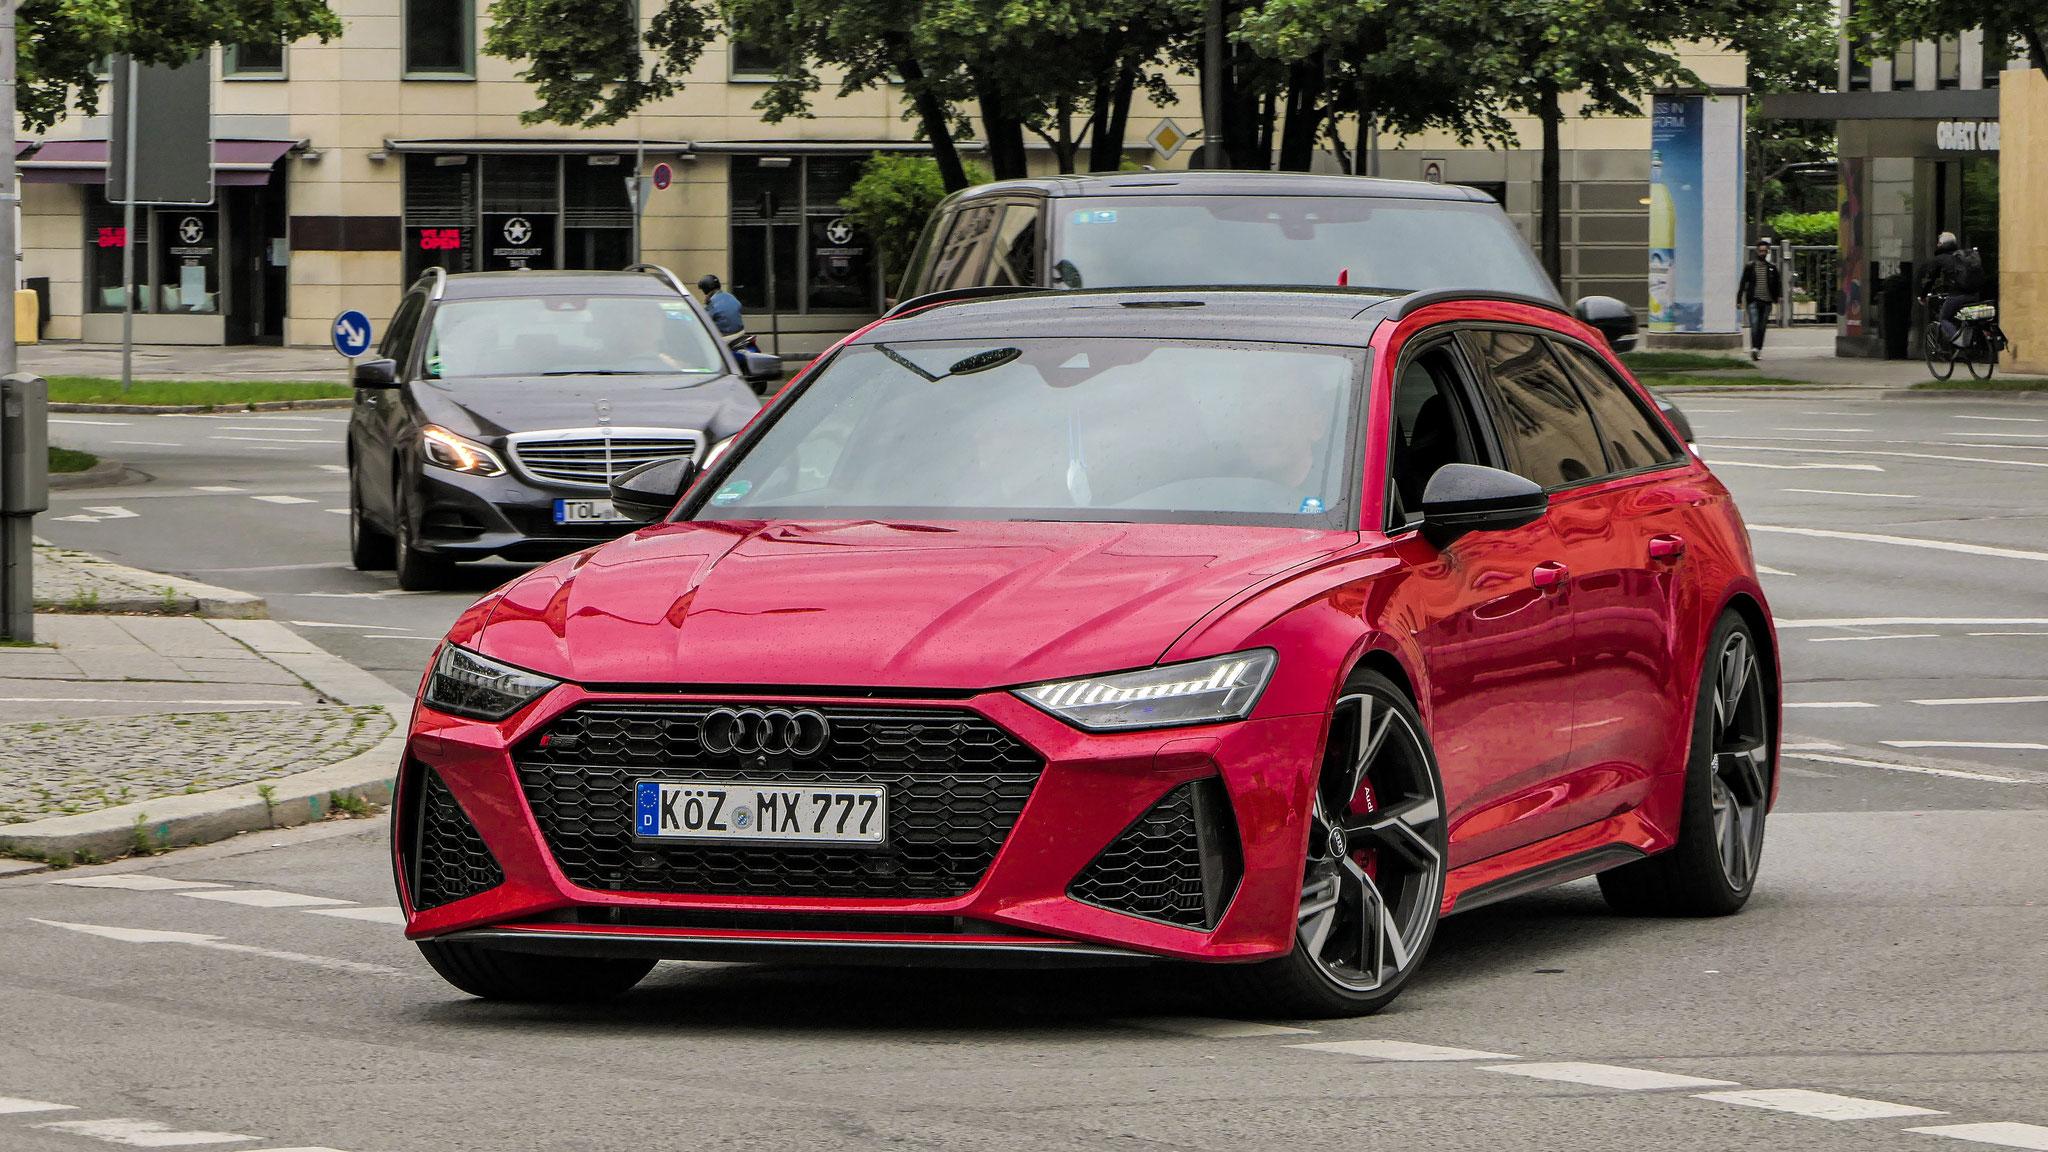 Audi RS6 - KÖZ-MX-777